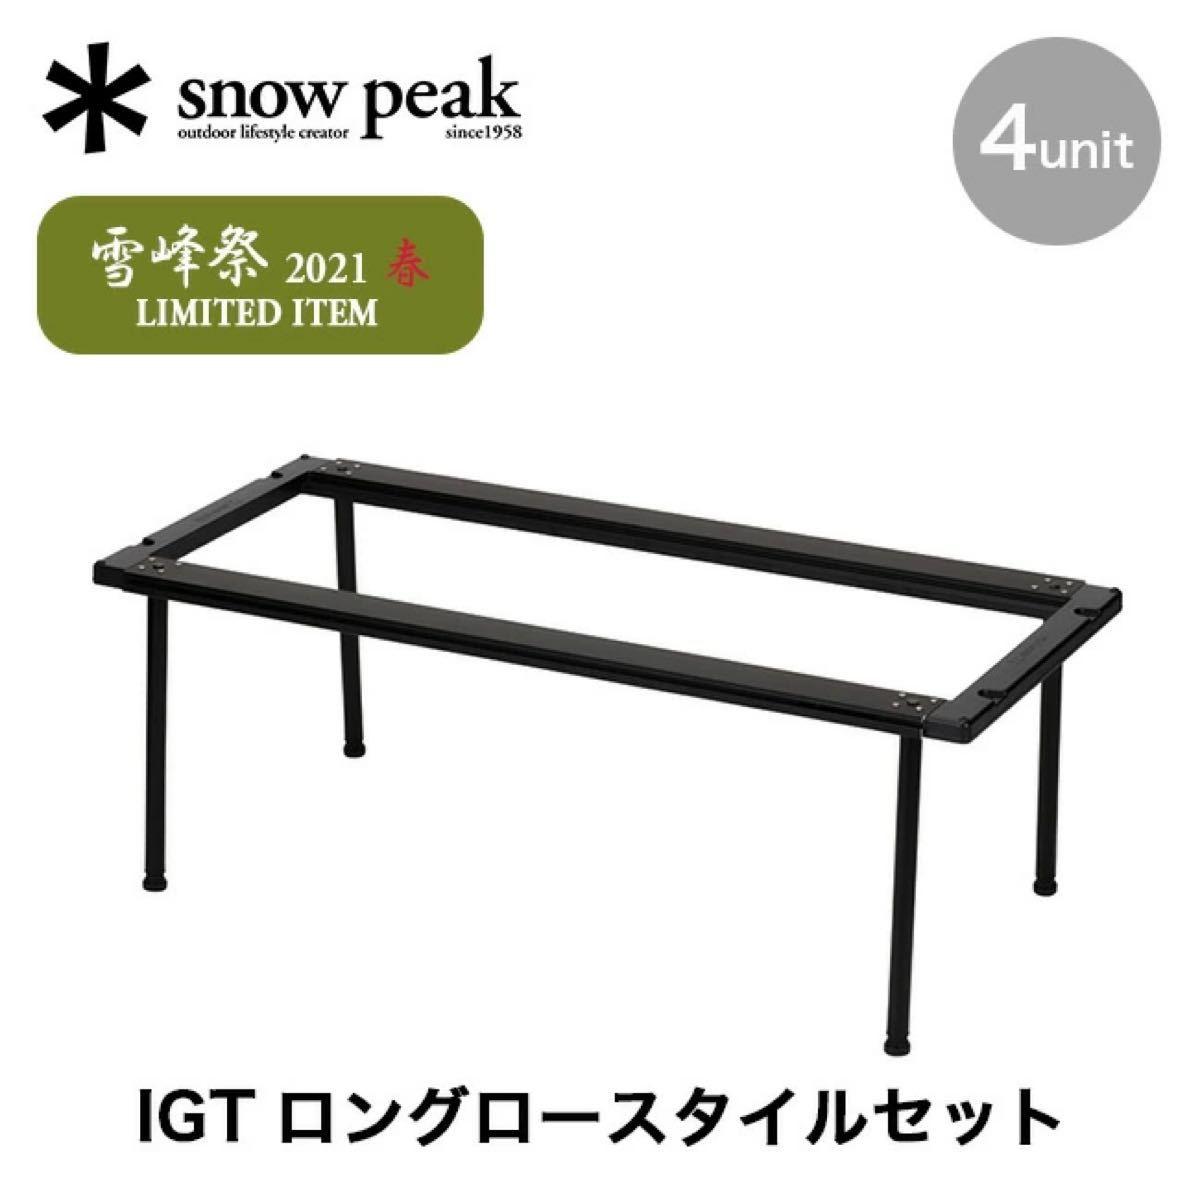 スノーピーク 雪峰祭限定 IGTロング ロースタイルセット FES-129